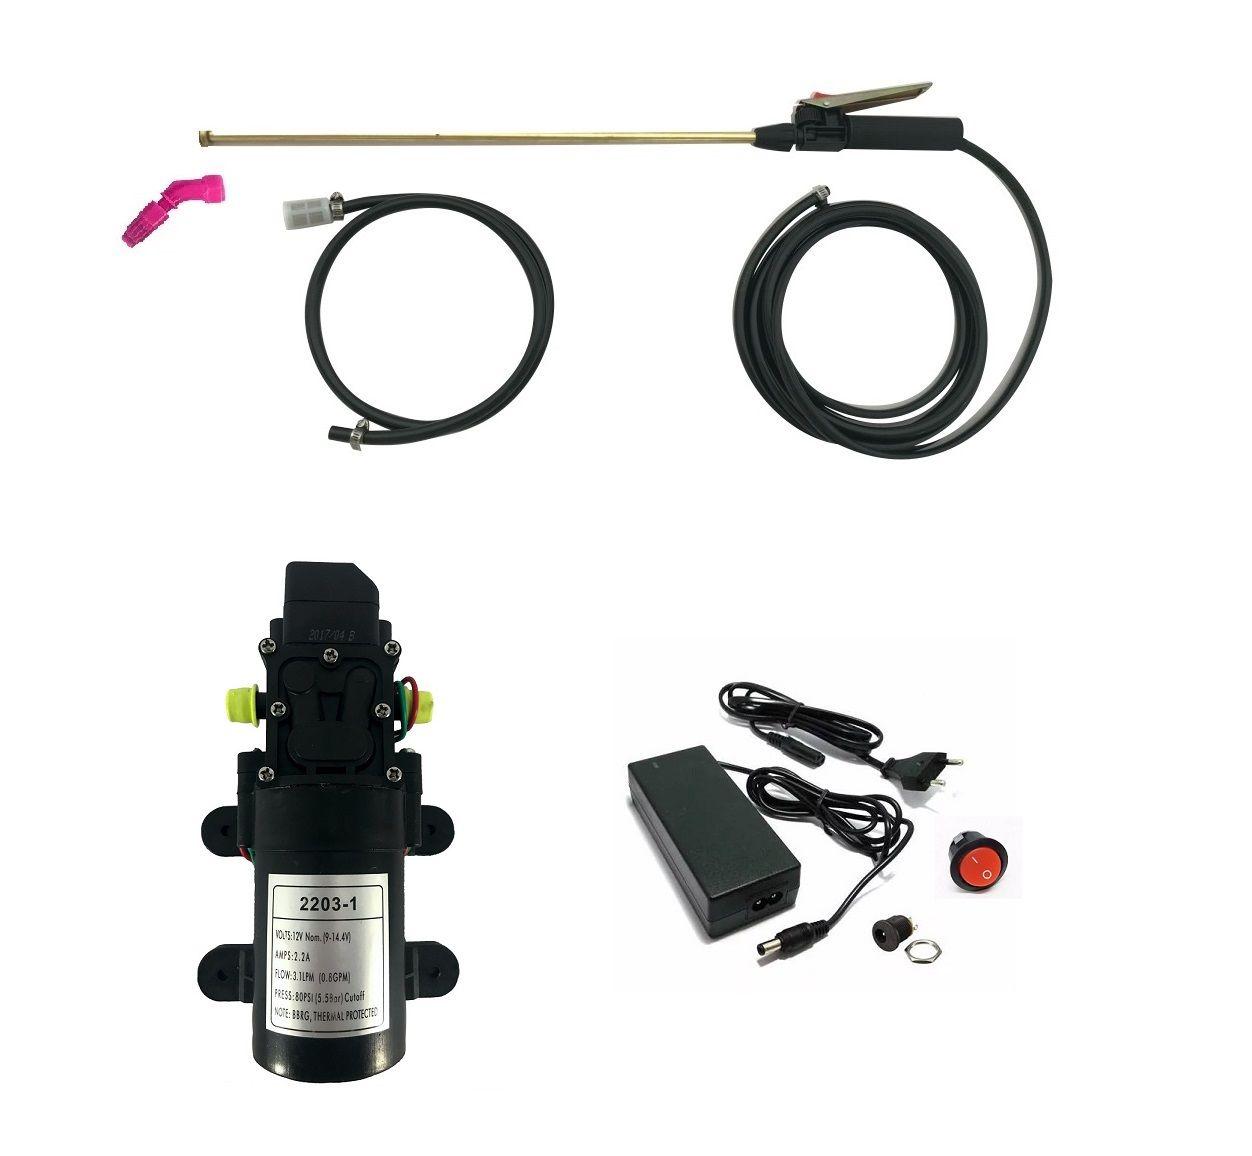 Kit Motor Diafragma 80Psi, Fonte com Conexões, Botão, Lança e Gatilho